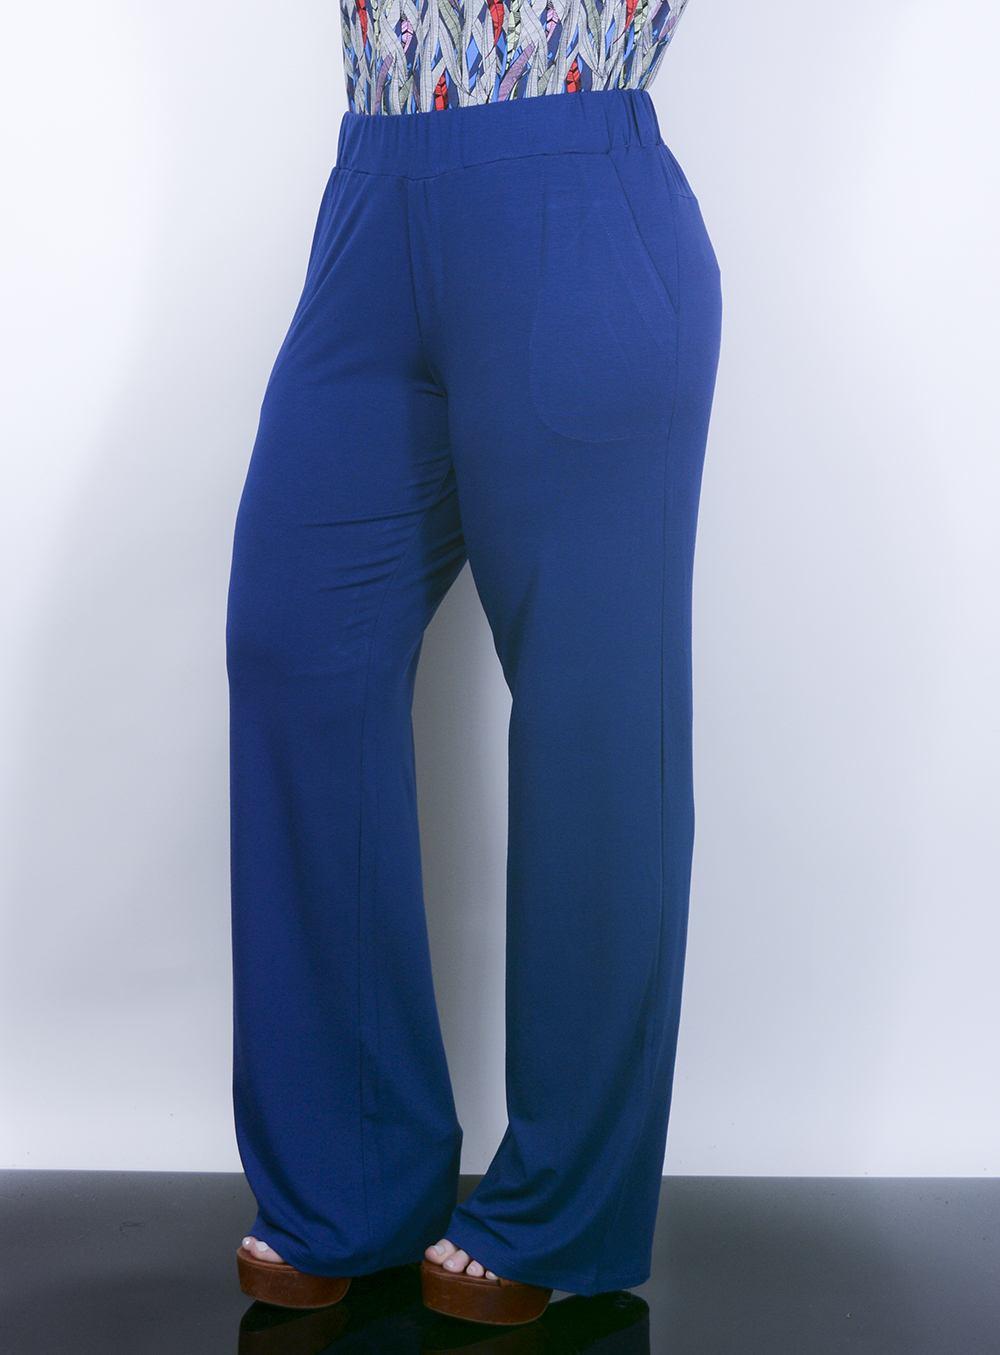 Calça Pantalona em Malha com Bolsos Azul Royal [AD5326]